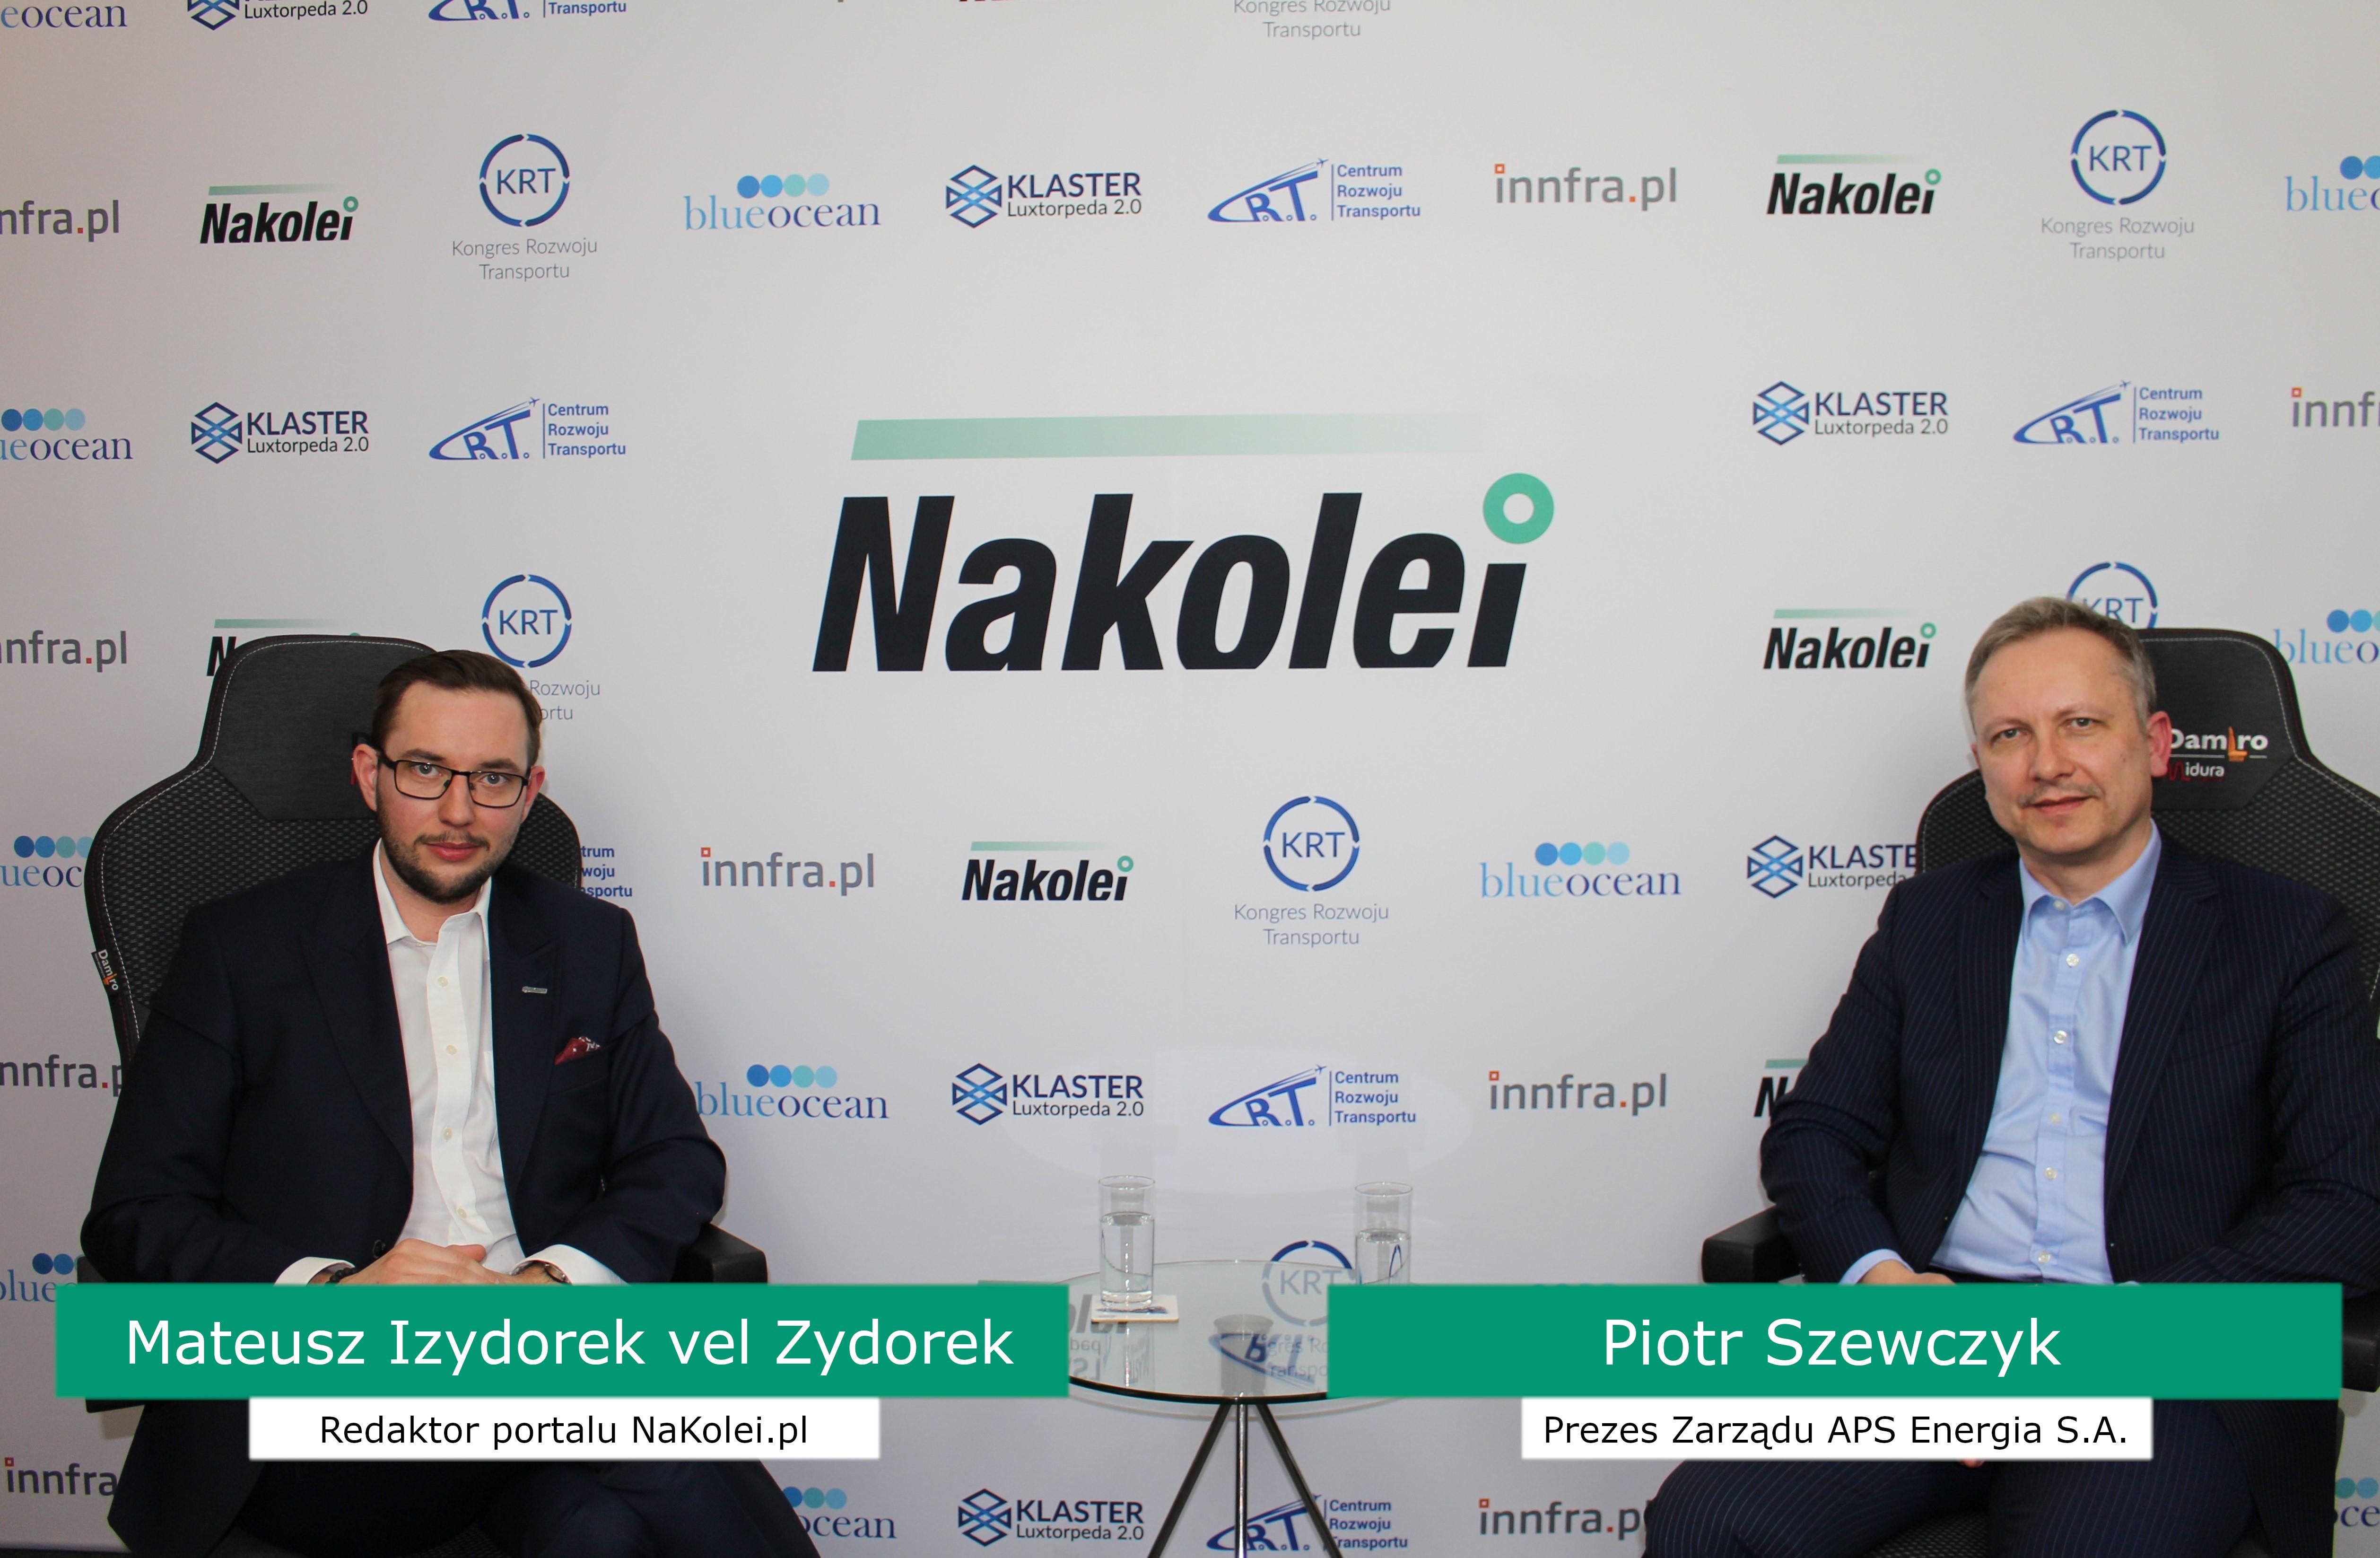 Piotr Szewczyk: Zmiana napięcia sieci trakcyjnej na 25kV to szereg problemów